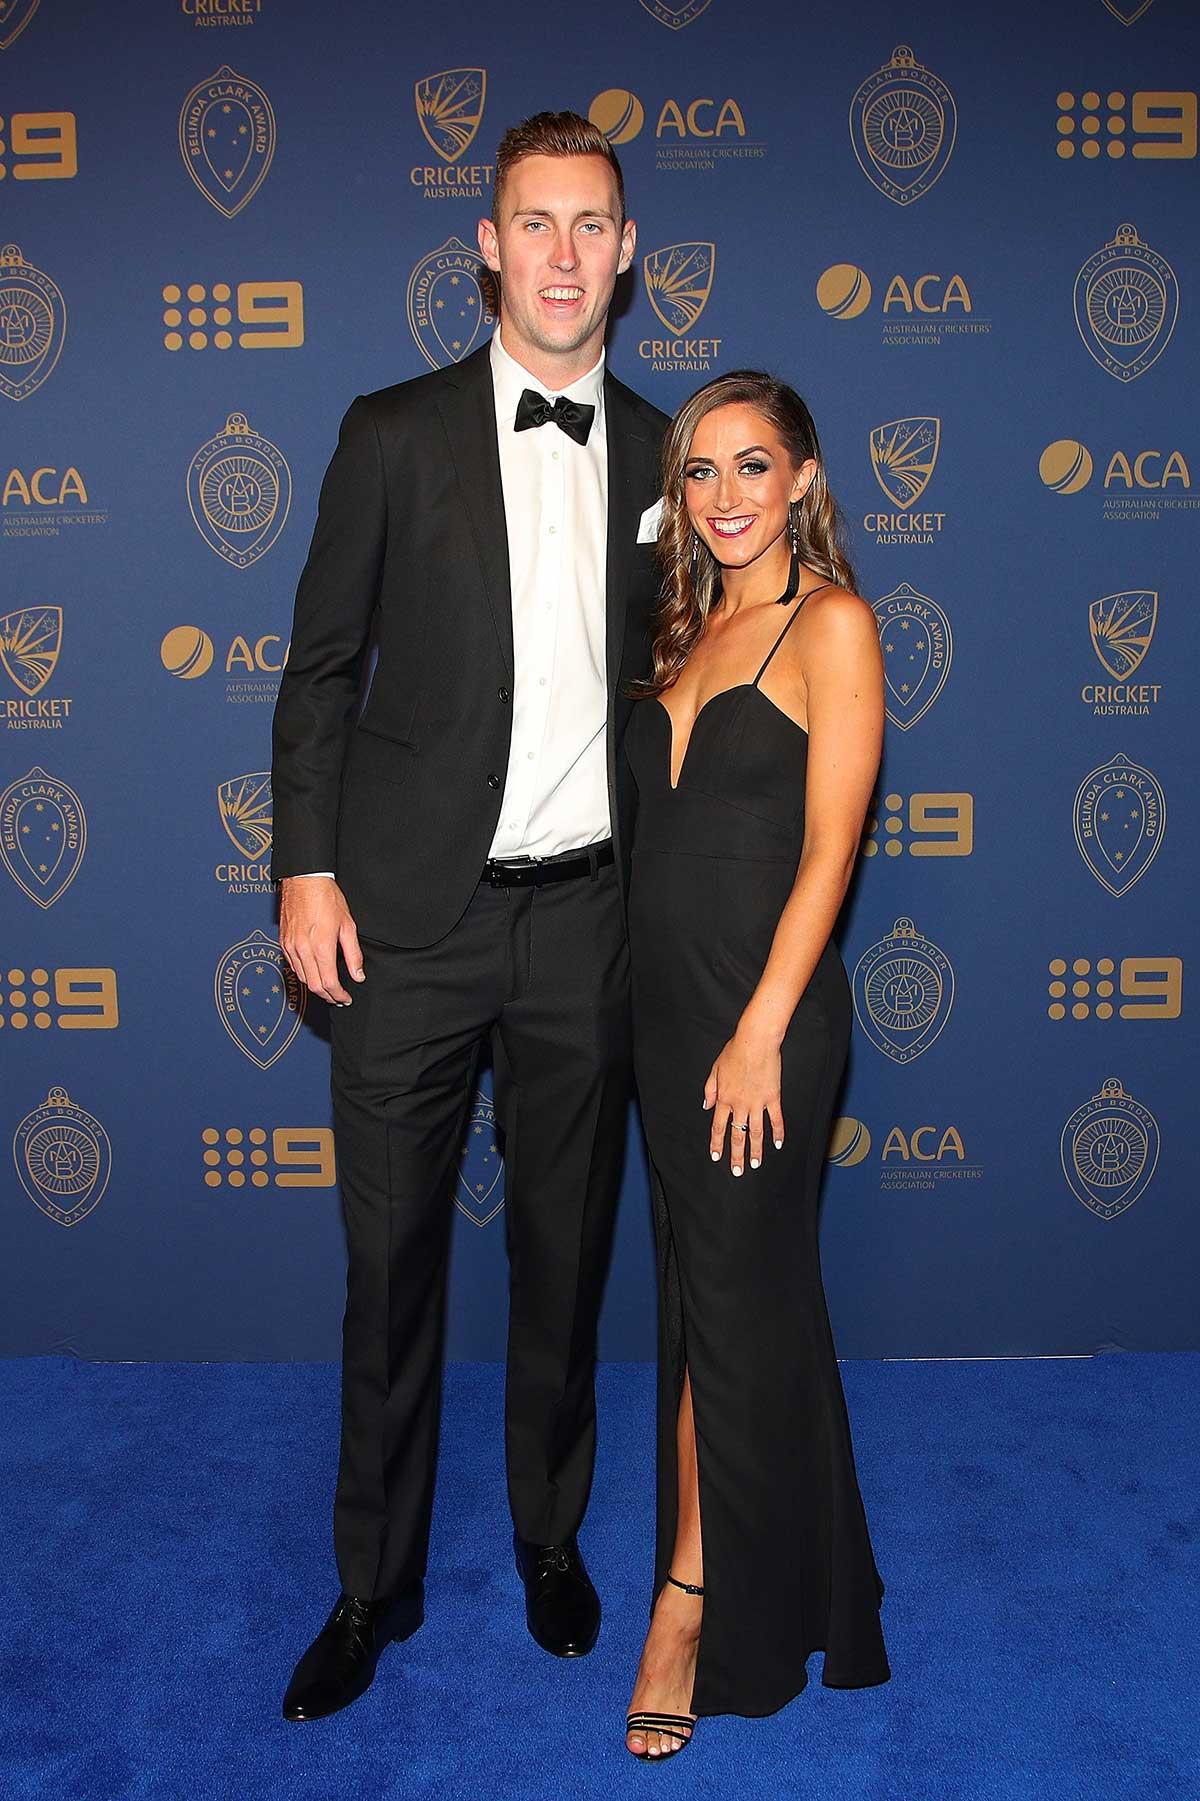 Aussie bowler Billy Stanlake and Maddison Lochert // Getty